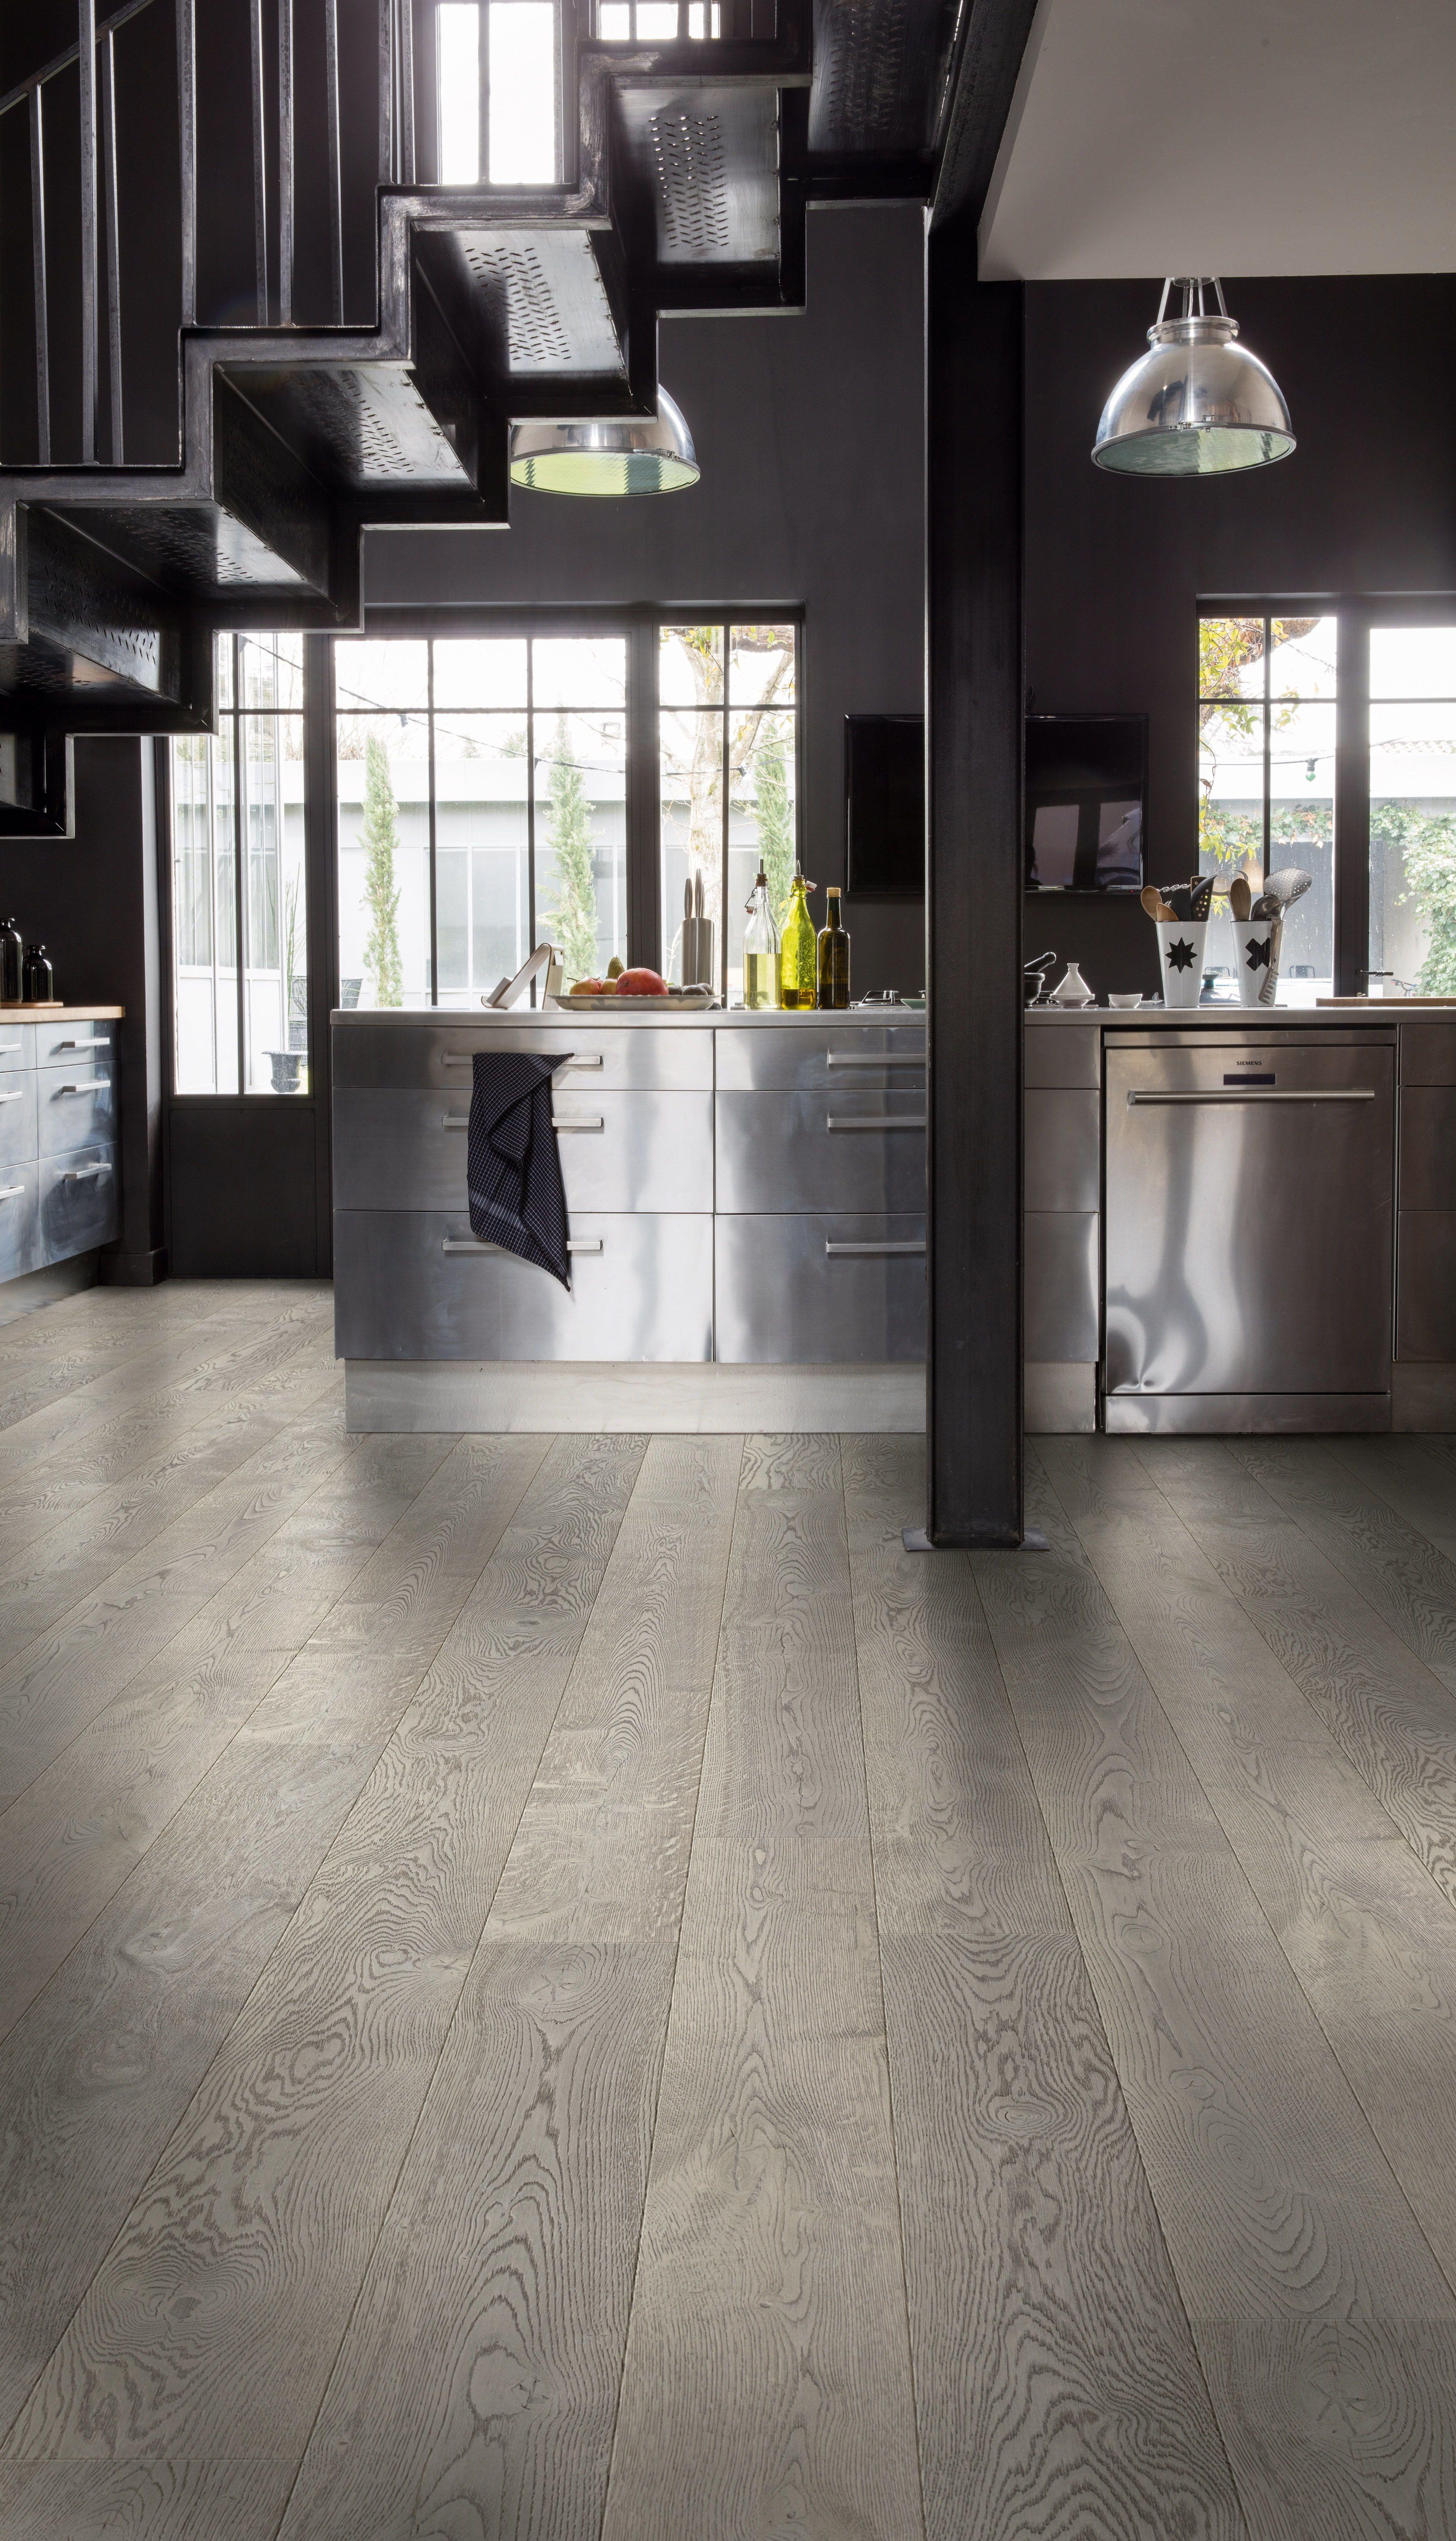 Comment Choisir Le Sol De La Cuisine Houten Vloer Vloeren